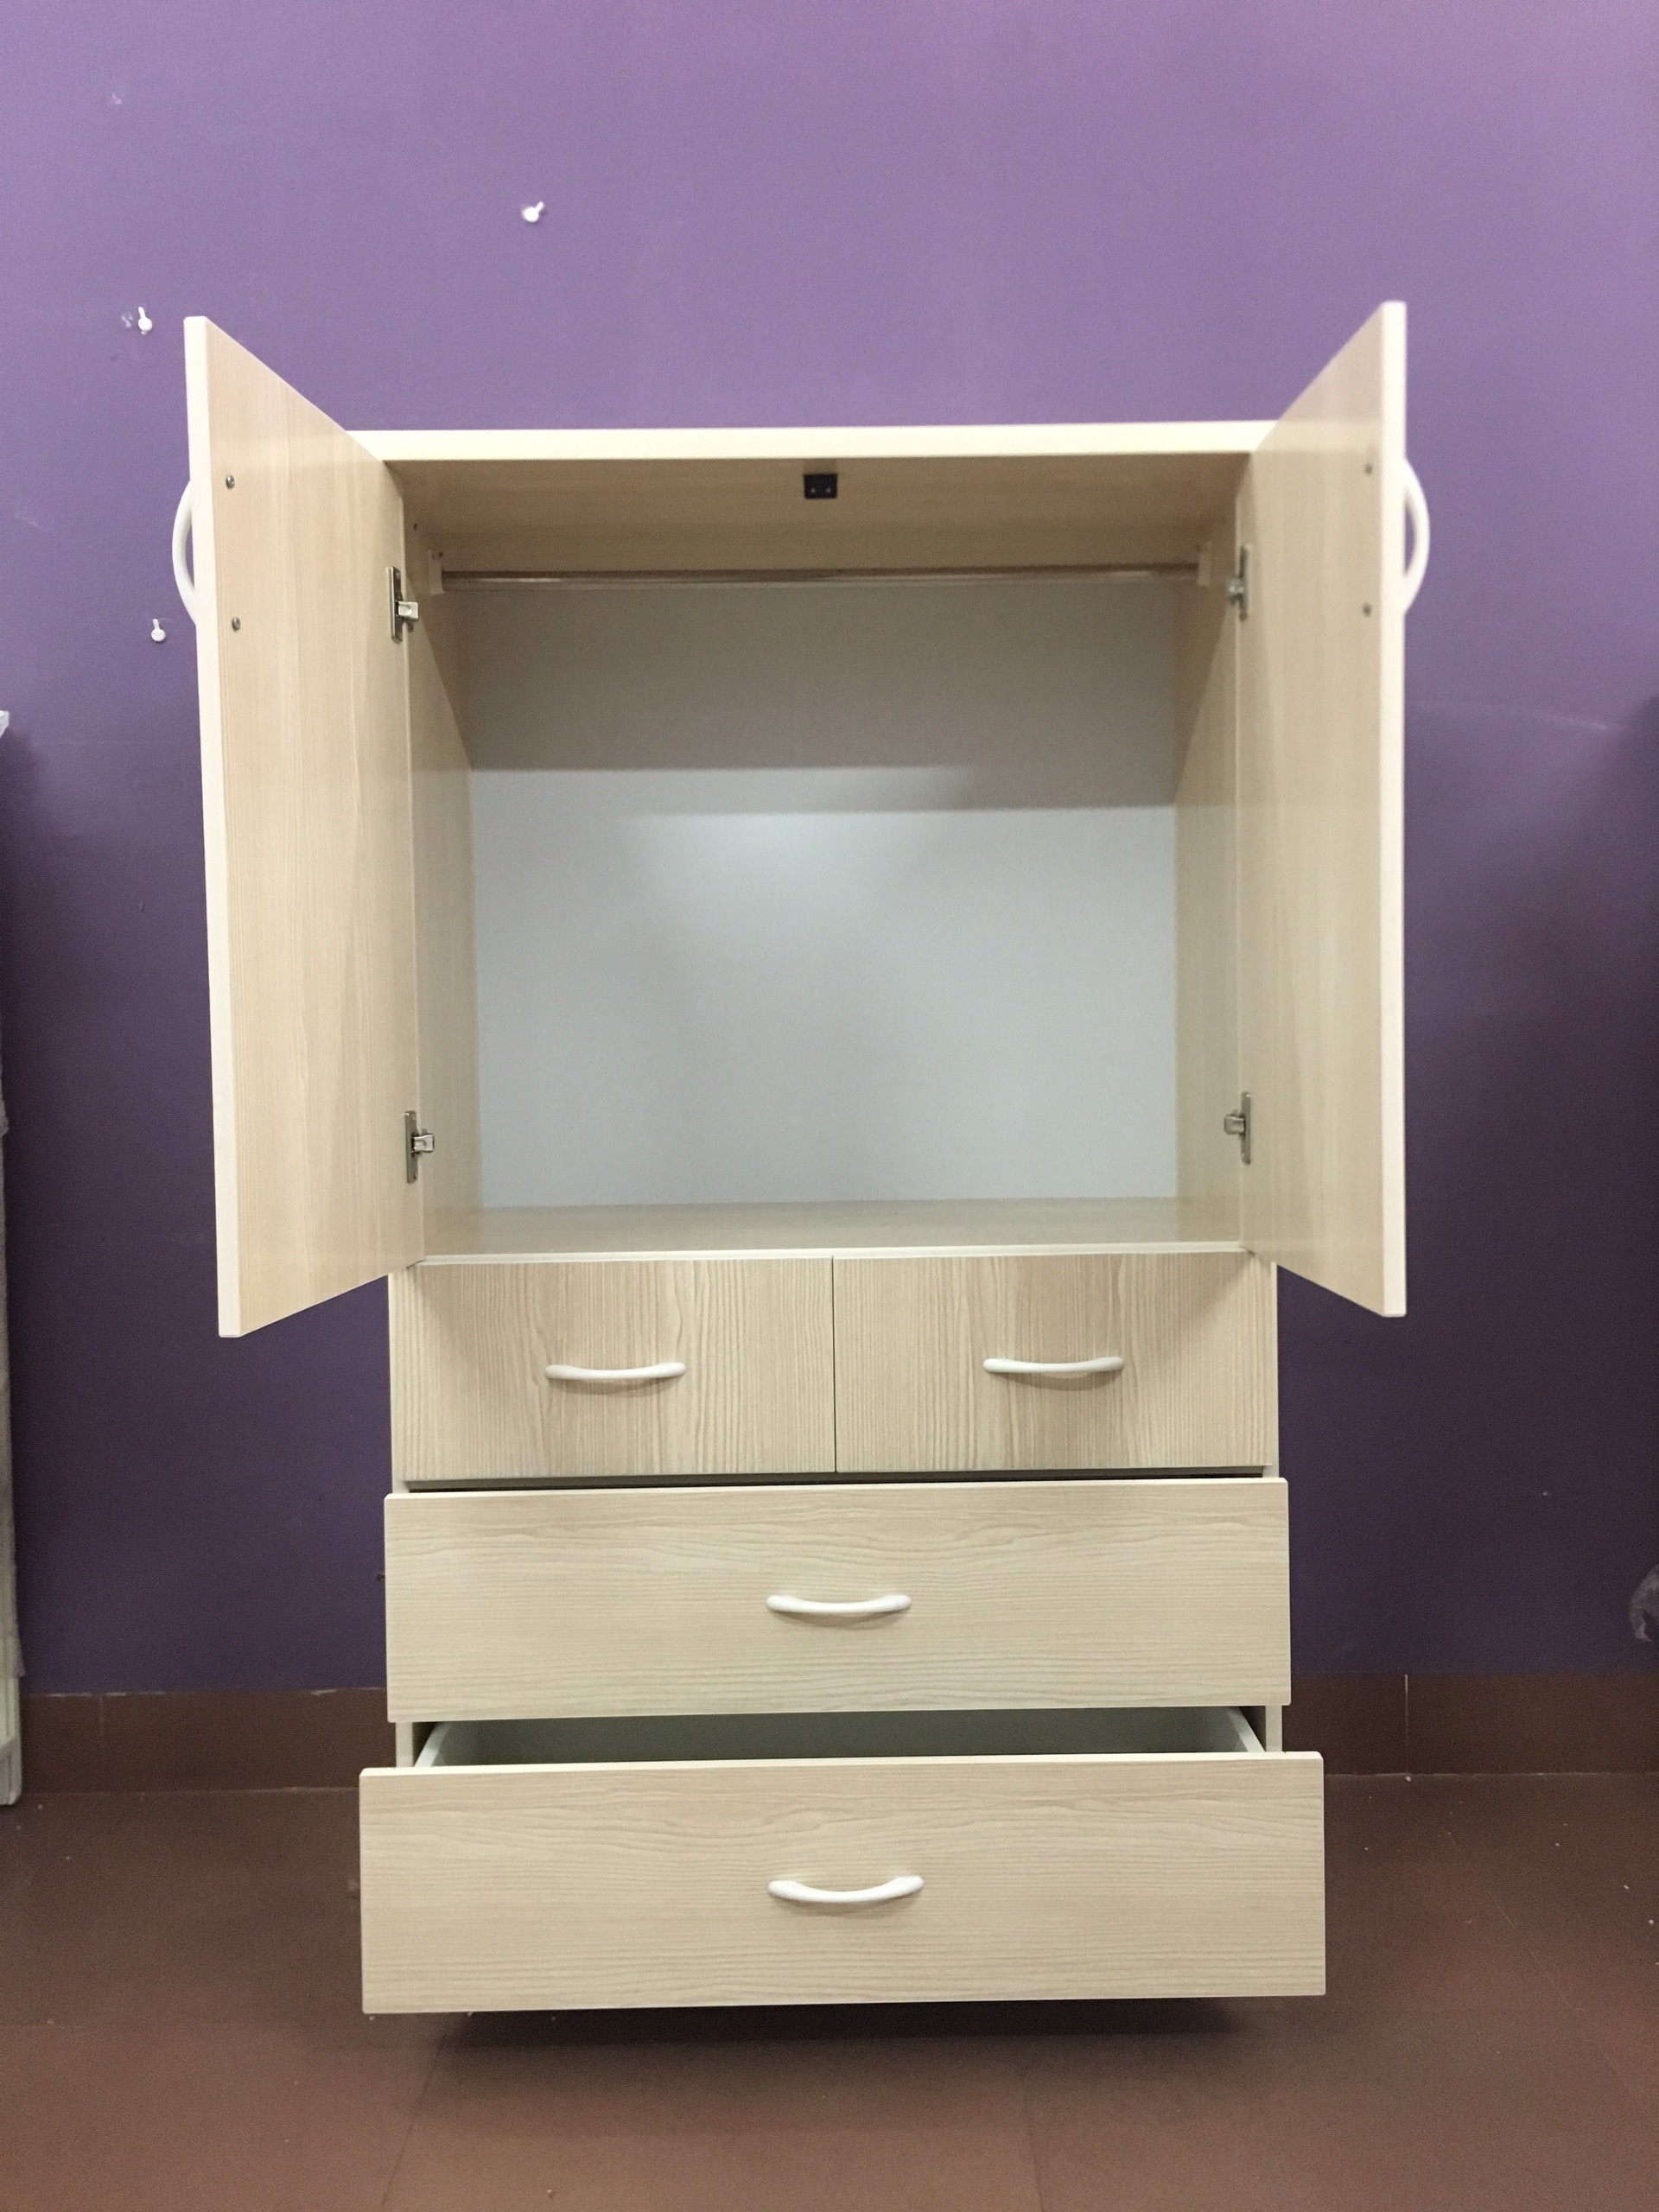 Tủ nhựa 2 cánh 4 ngăn kéo màu vân gỗ sồi (cao 1m35 x rộng 85cm x sâu 45m)